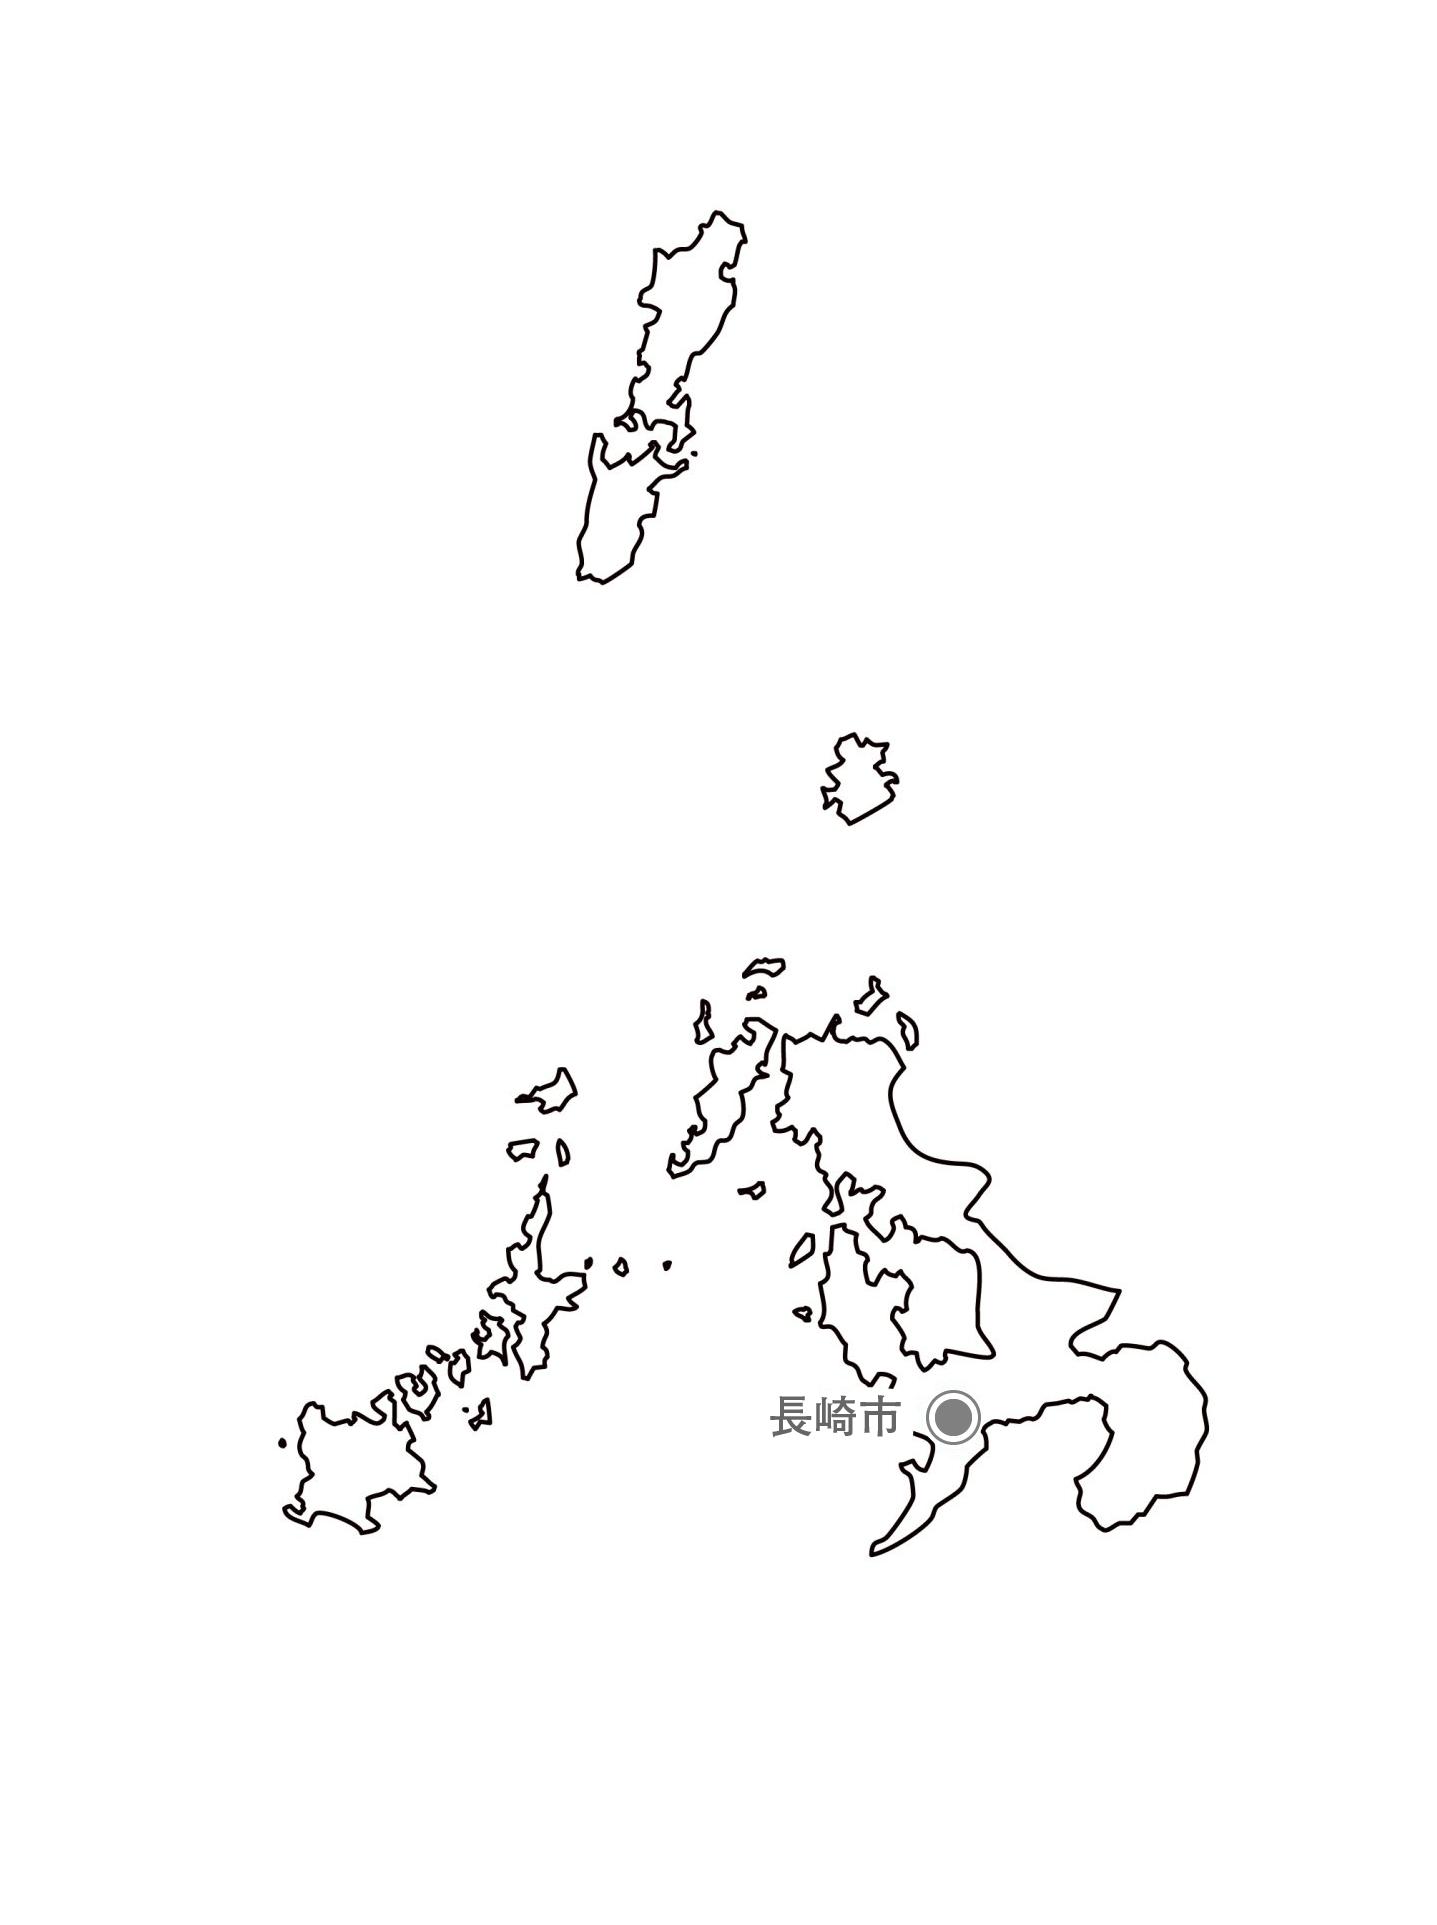 [白地図]長崎県・都道府県名・県庁所在地あり